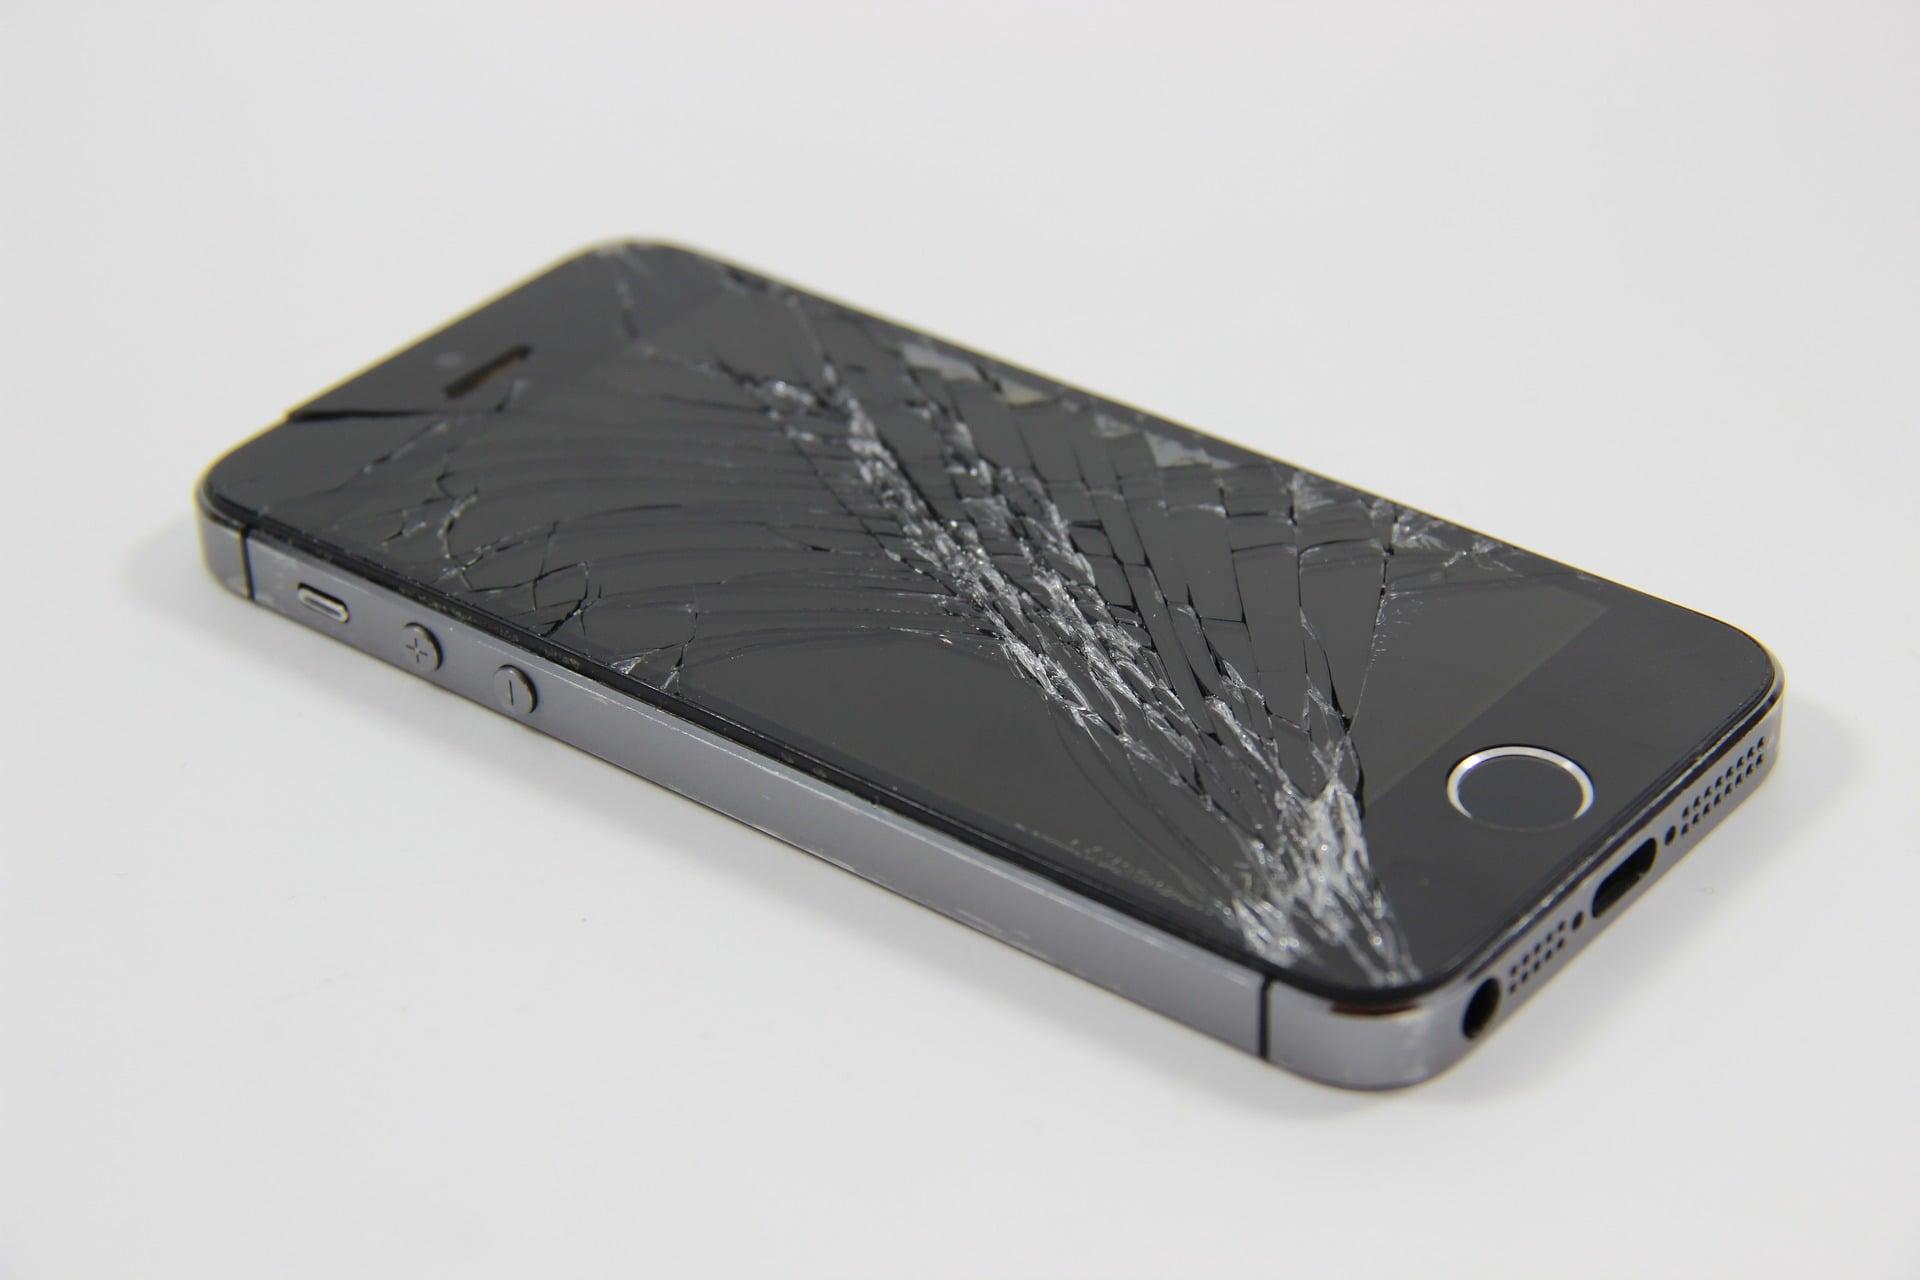 Smartfon ze stłuczonym ekranem - Warta ubezpieczy również wyświetlacz